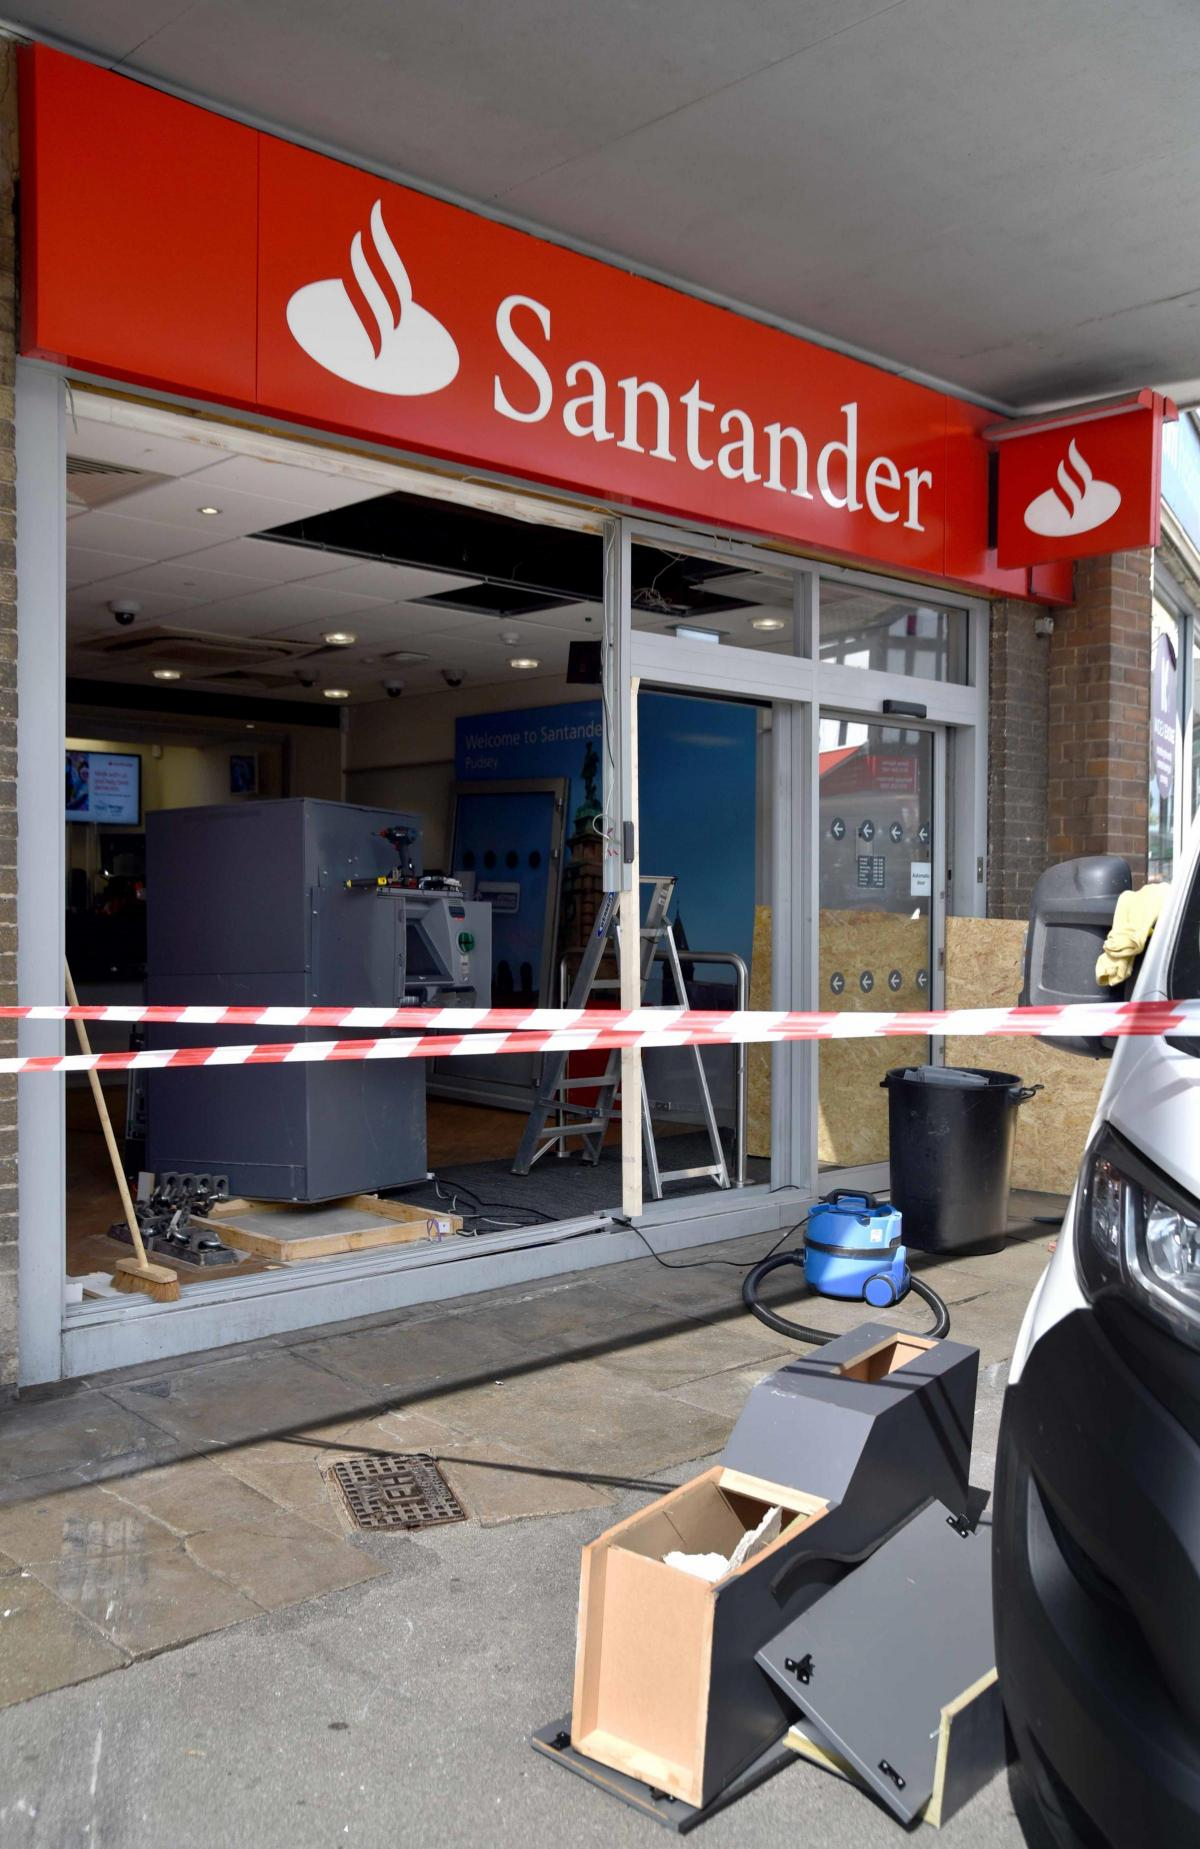 Santander bank on Lidget Hill in Pudsey hit by ram raid | Bradford